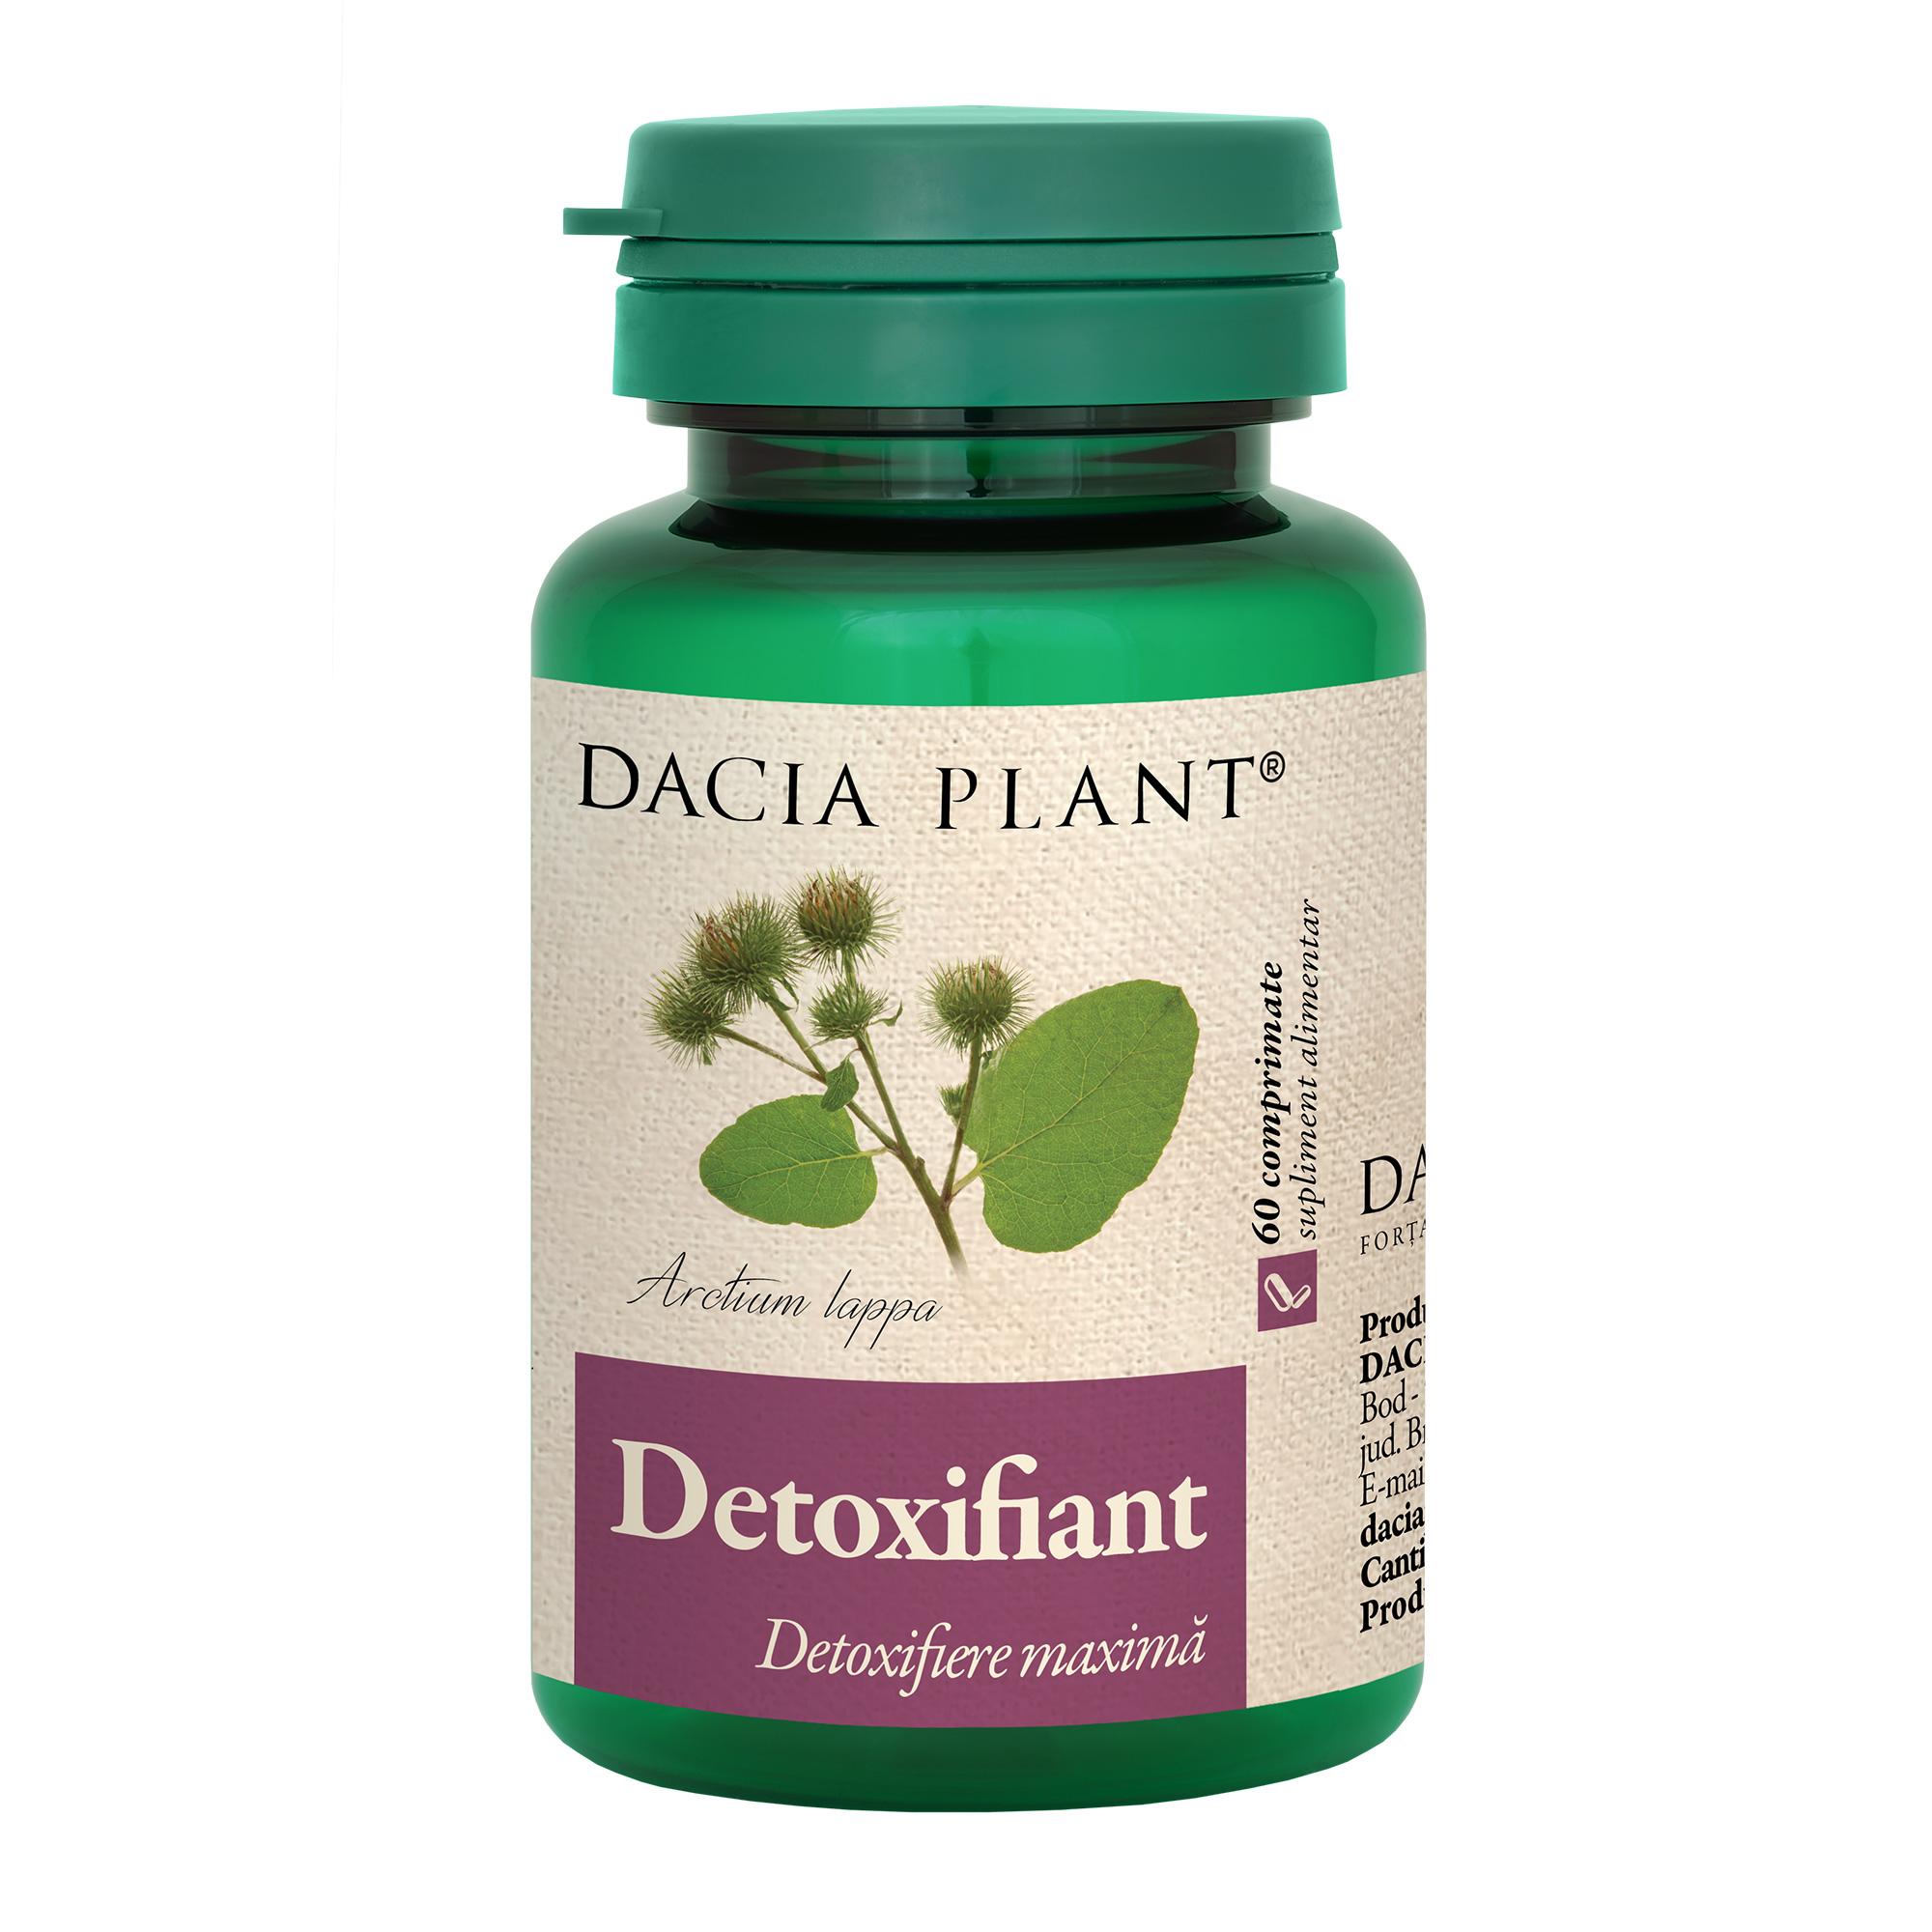 Detoxifiere organism - Produse naturale